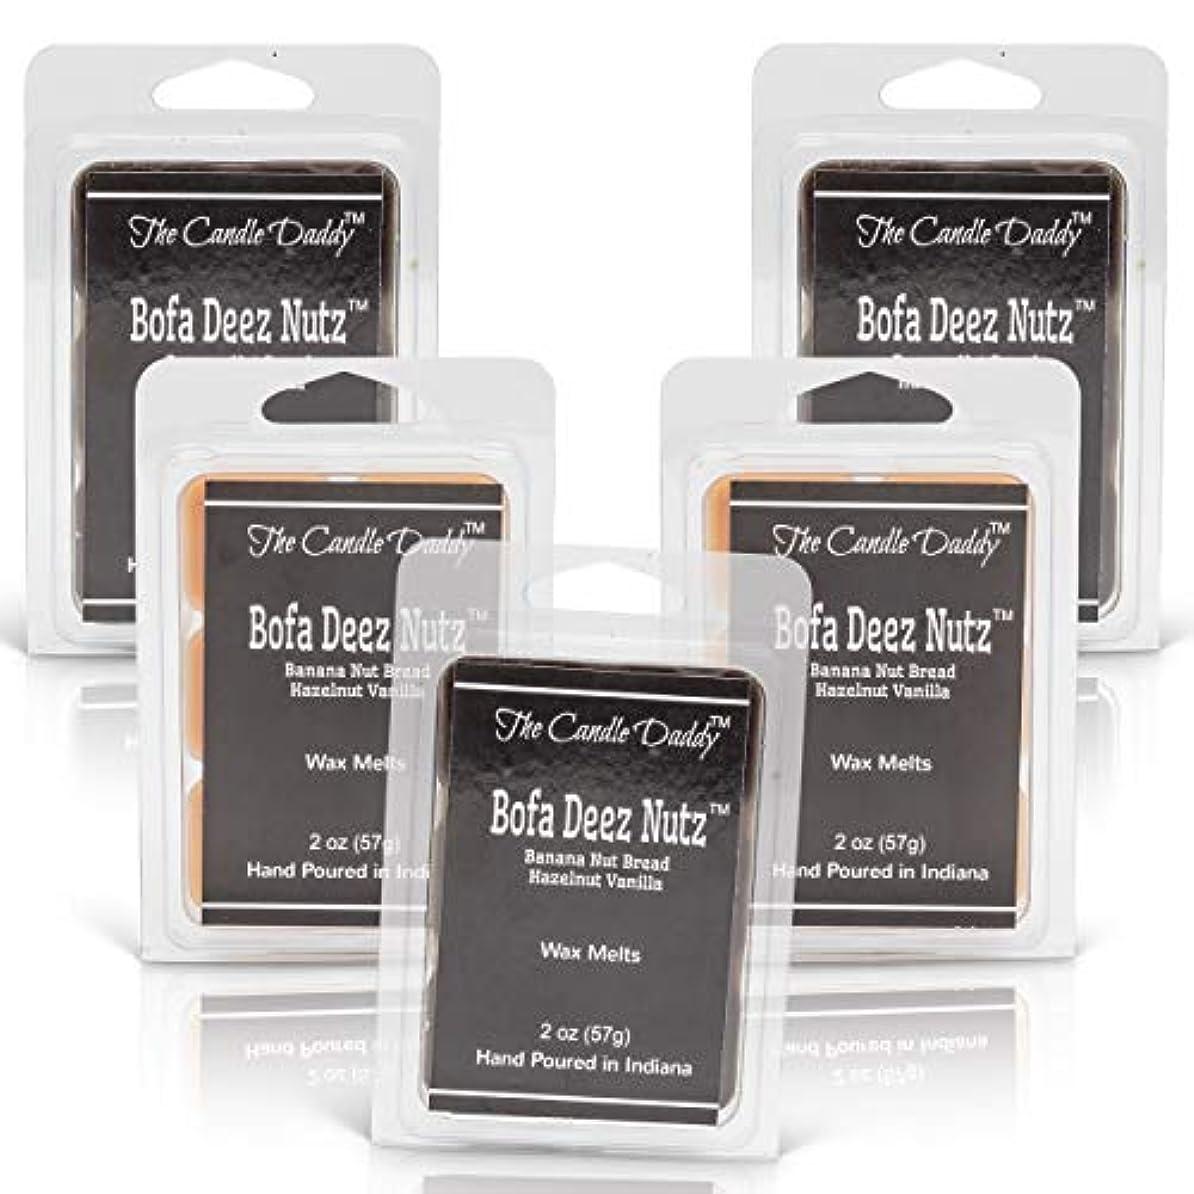 存在禁じるアドバンテージThe Candle Daddy Bofa Deez Nutz バナナナッツブレッド ヘーゼルナッツバニラ 最大香り ワックスキューブ/タルト/メルト- 5パック 合計10オンス キューブ30個